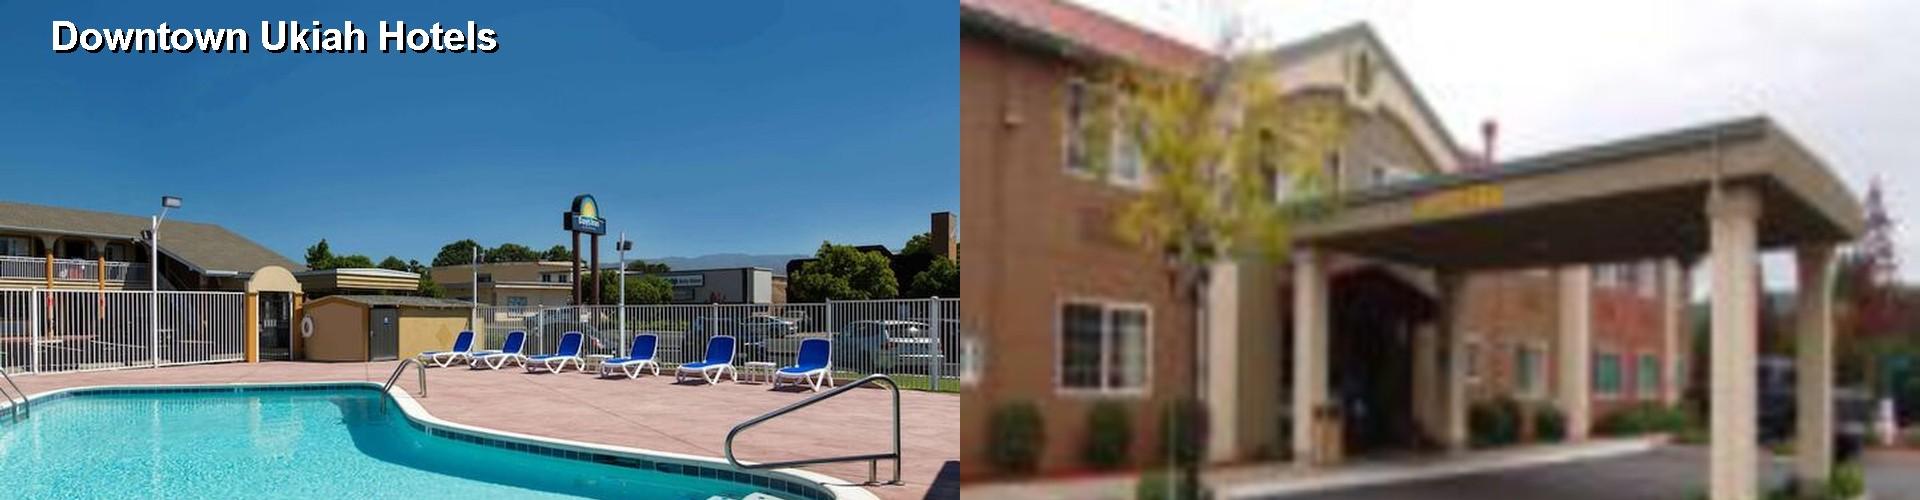 5 Best Hotels Near Downtown Ukiah